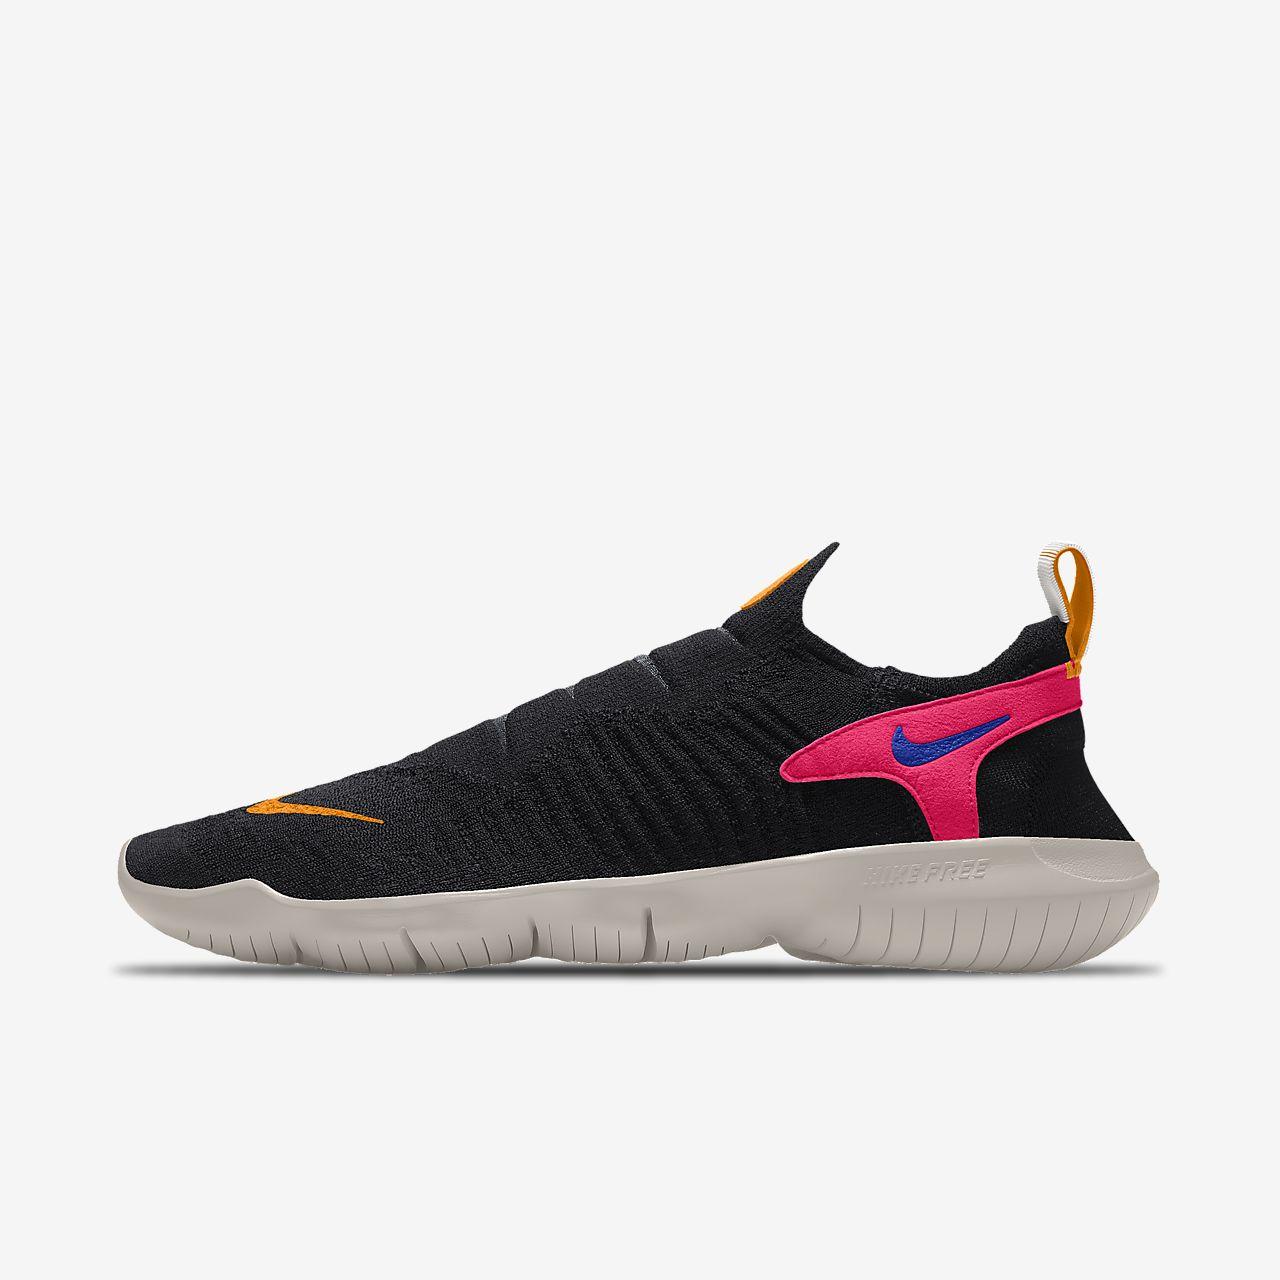 Женские беговые кроссовки с индивидуальным дизайном Nike Free RN Flyknit 3.0 By You